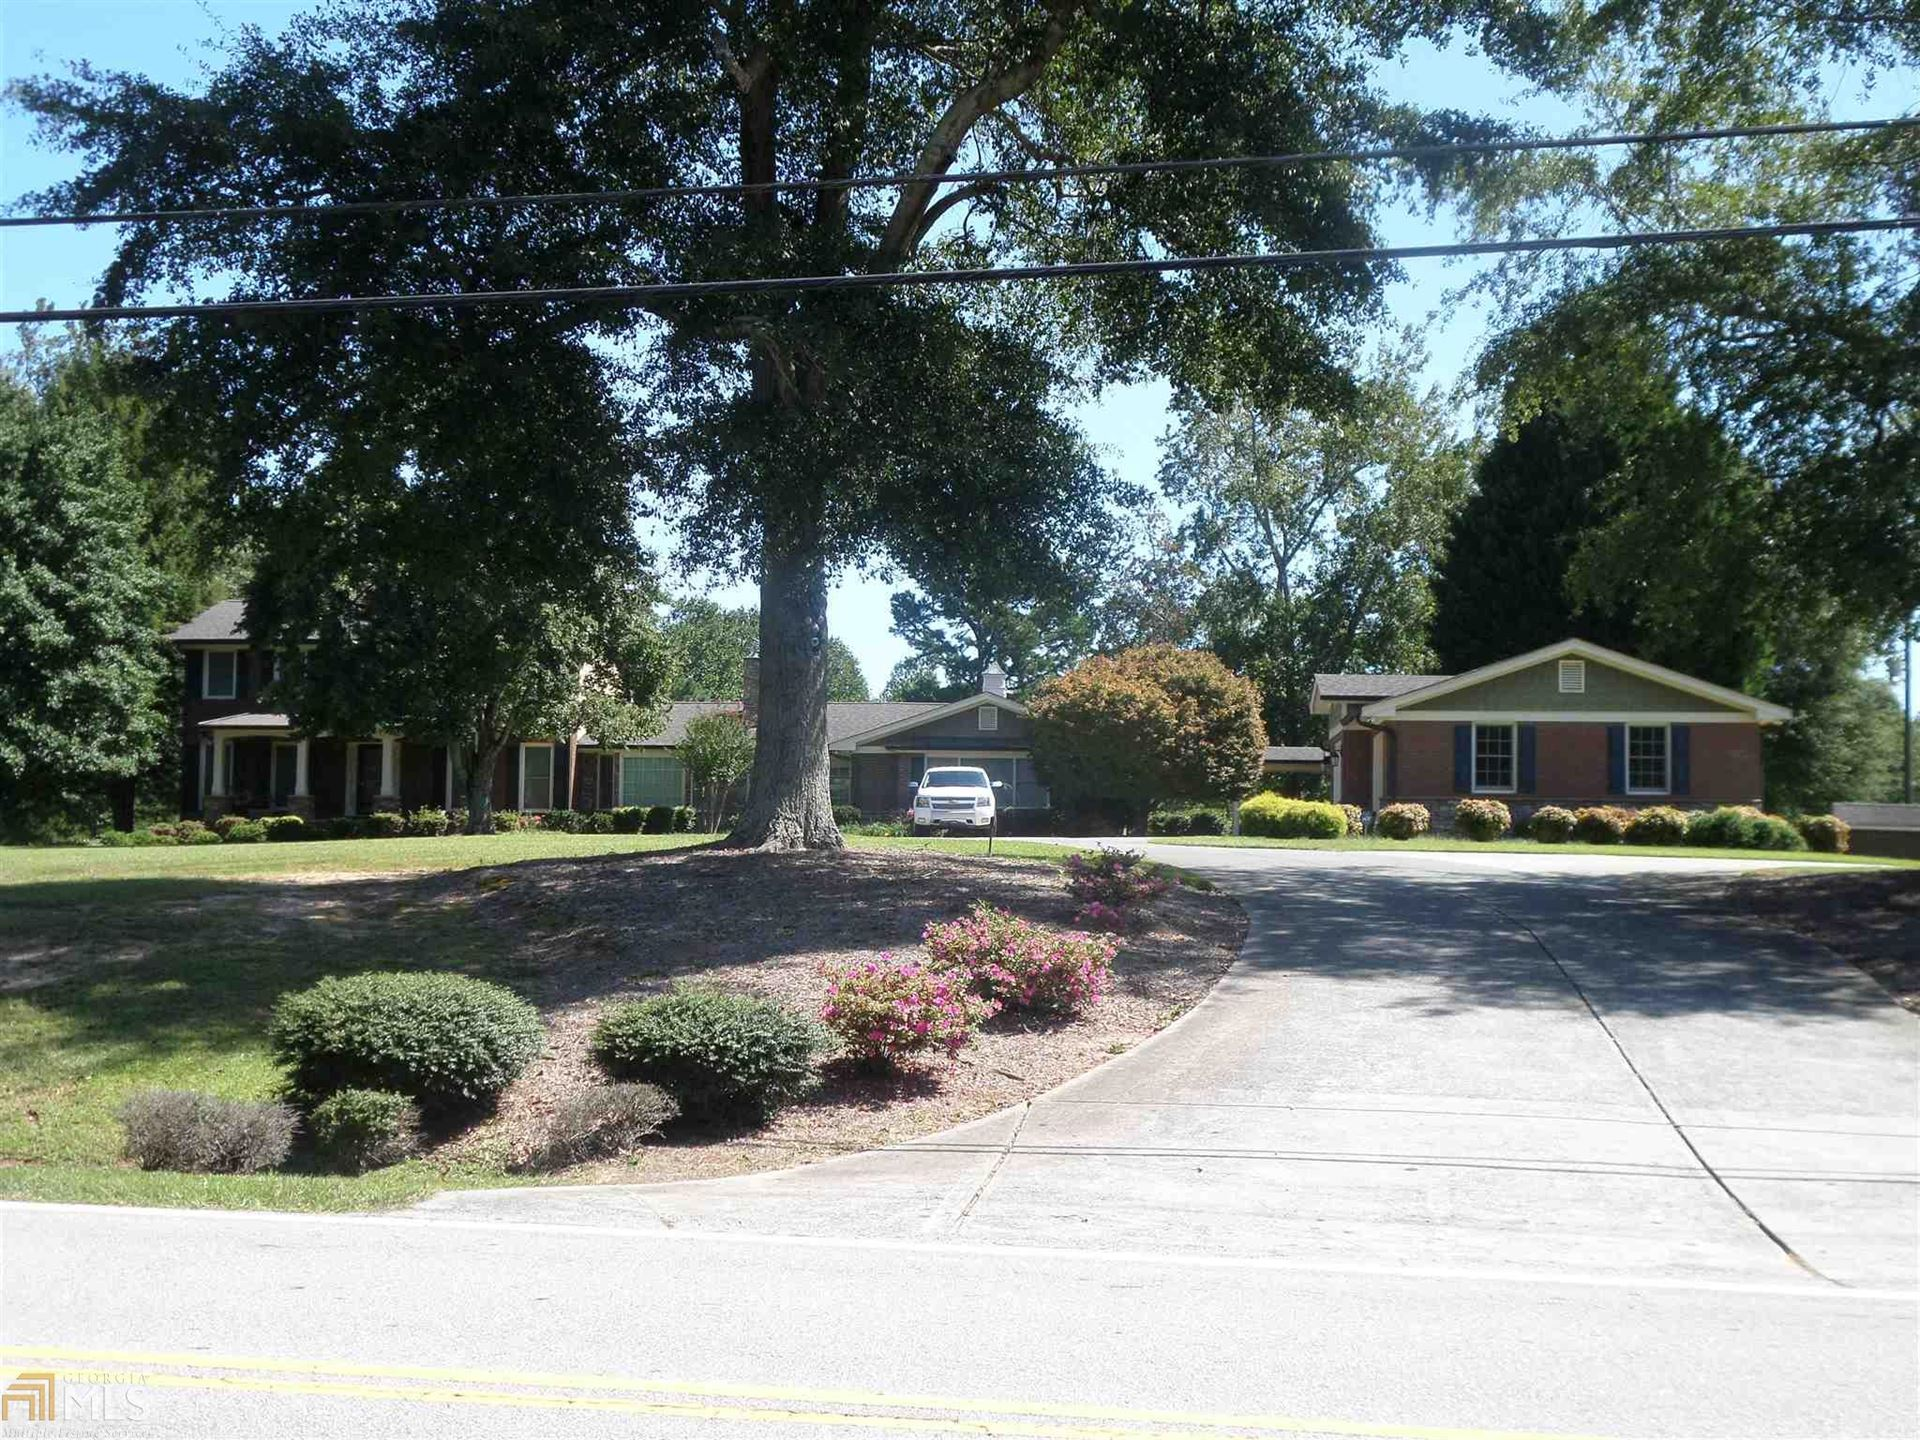 4255 Ridge Rd, Buford, GA 30519 - MLS#: 8860959